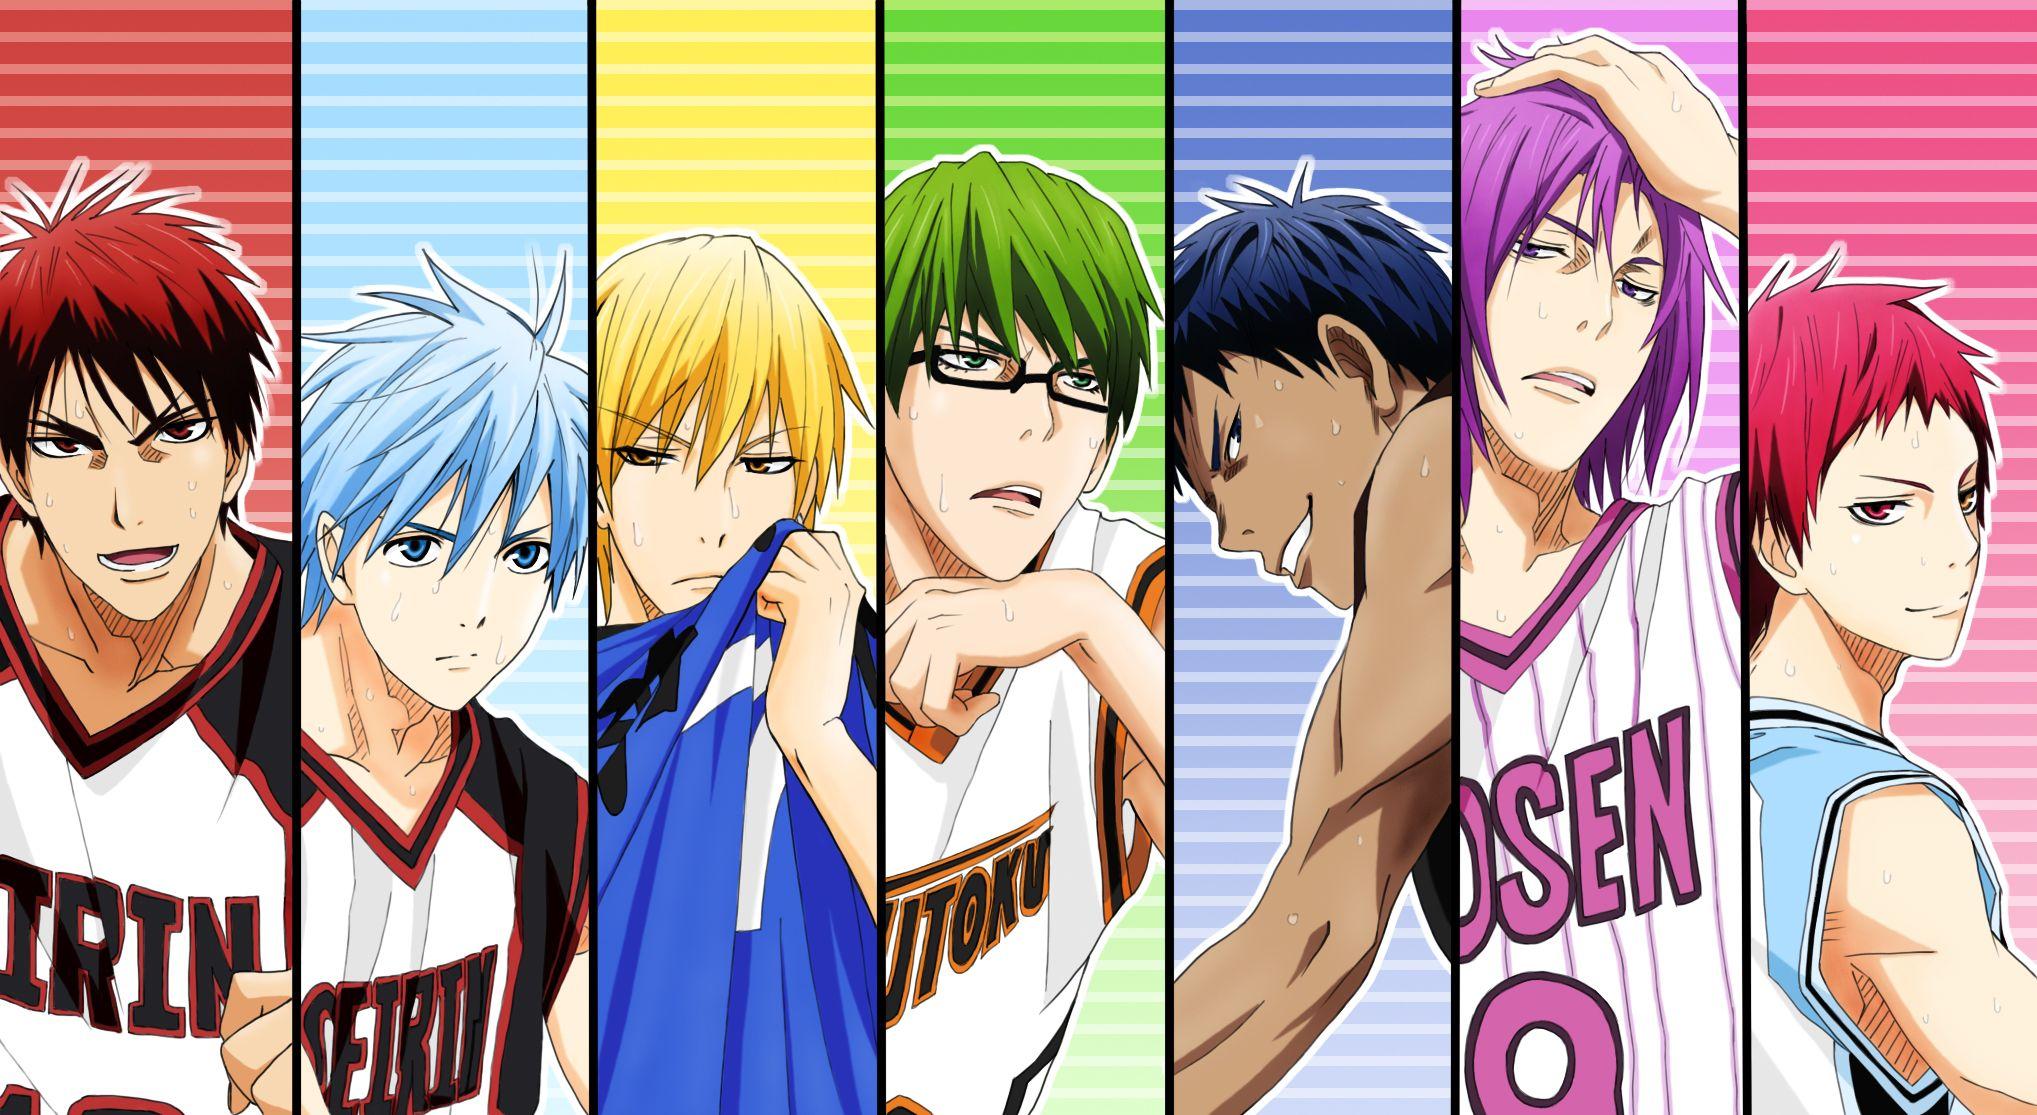 Kuroko no Basket/#1238820 - Zerochan | Anime, Kuroko, Kuroko no basket